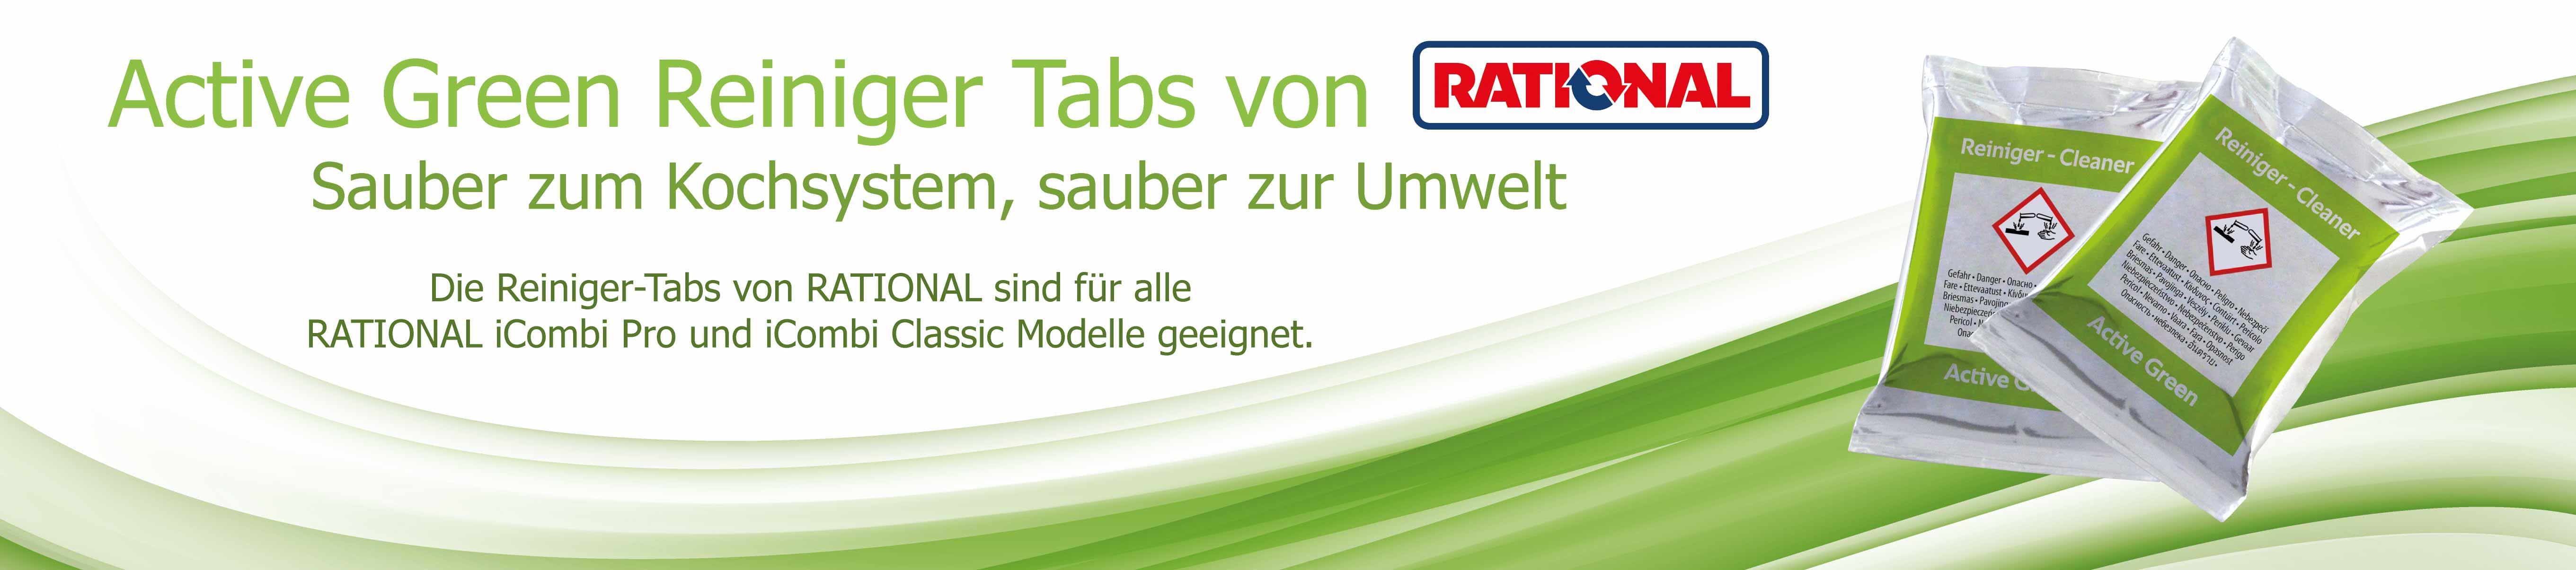 Rational Active Green Reiniger Banner